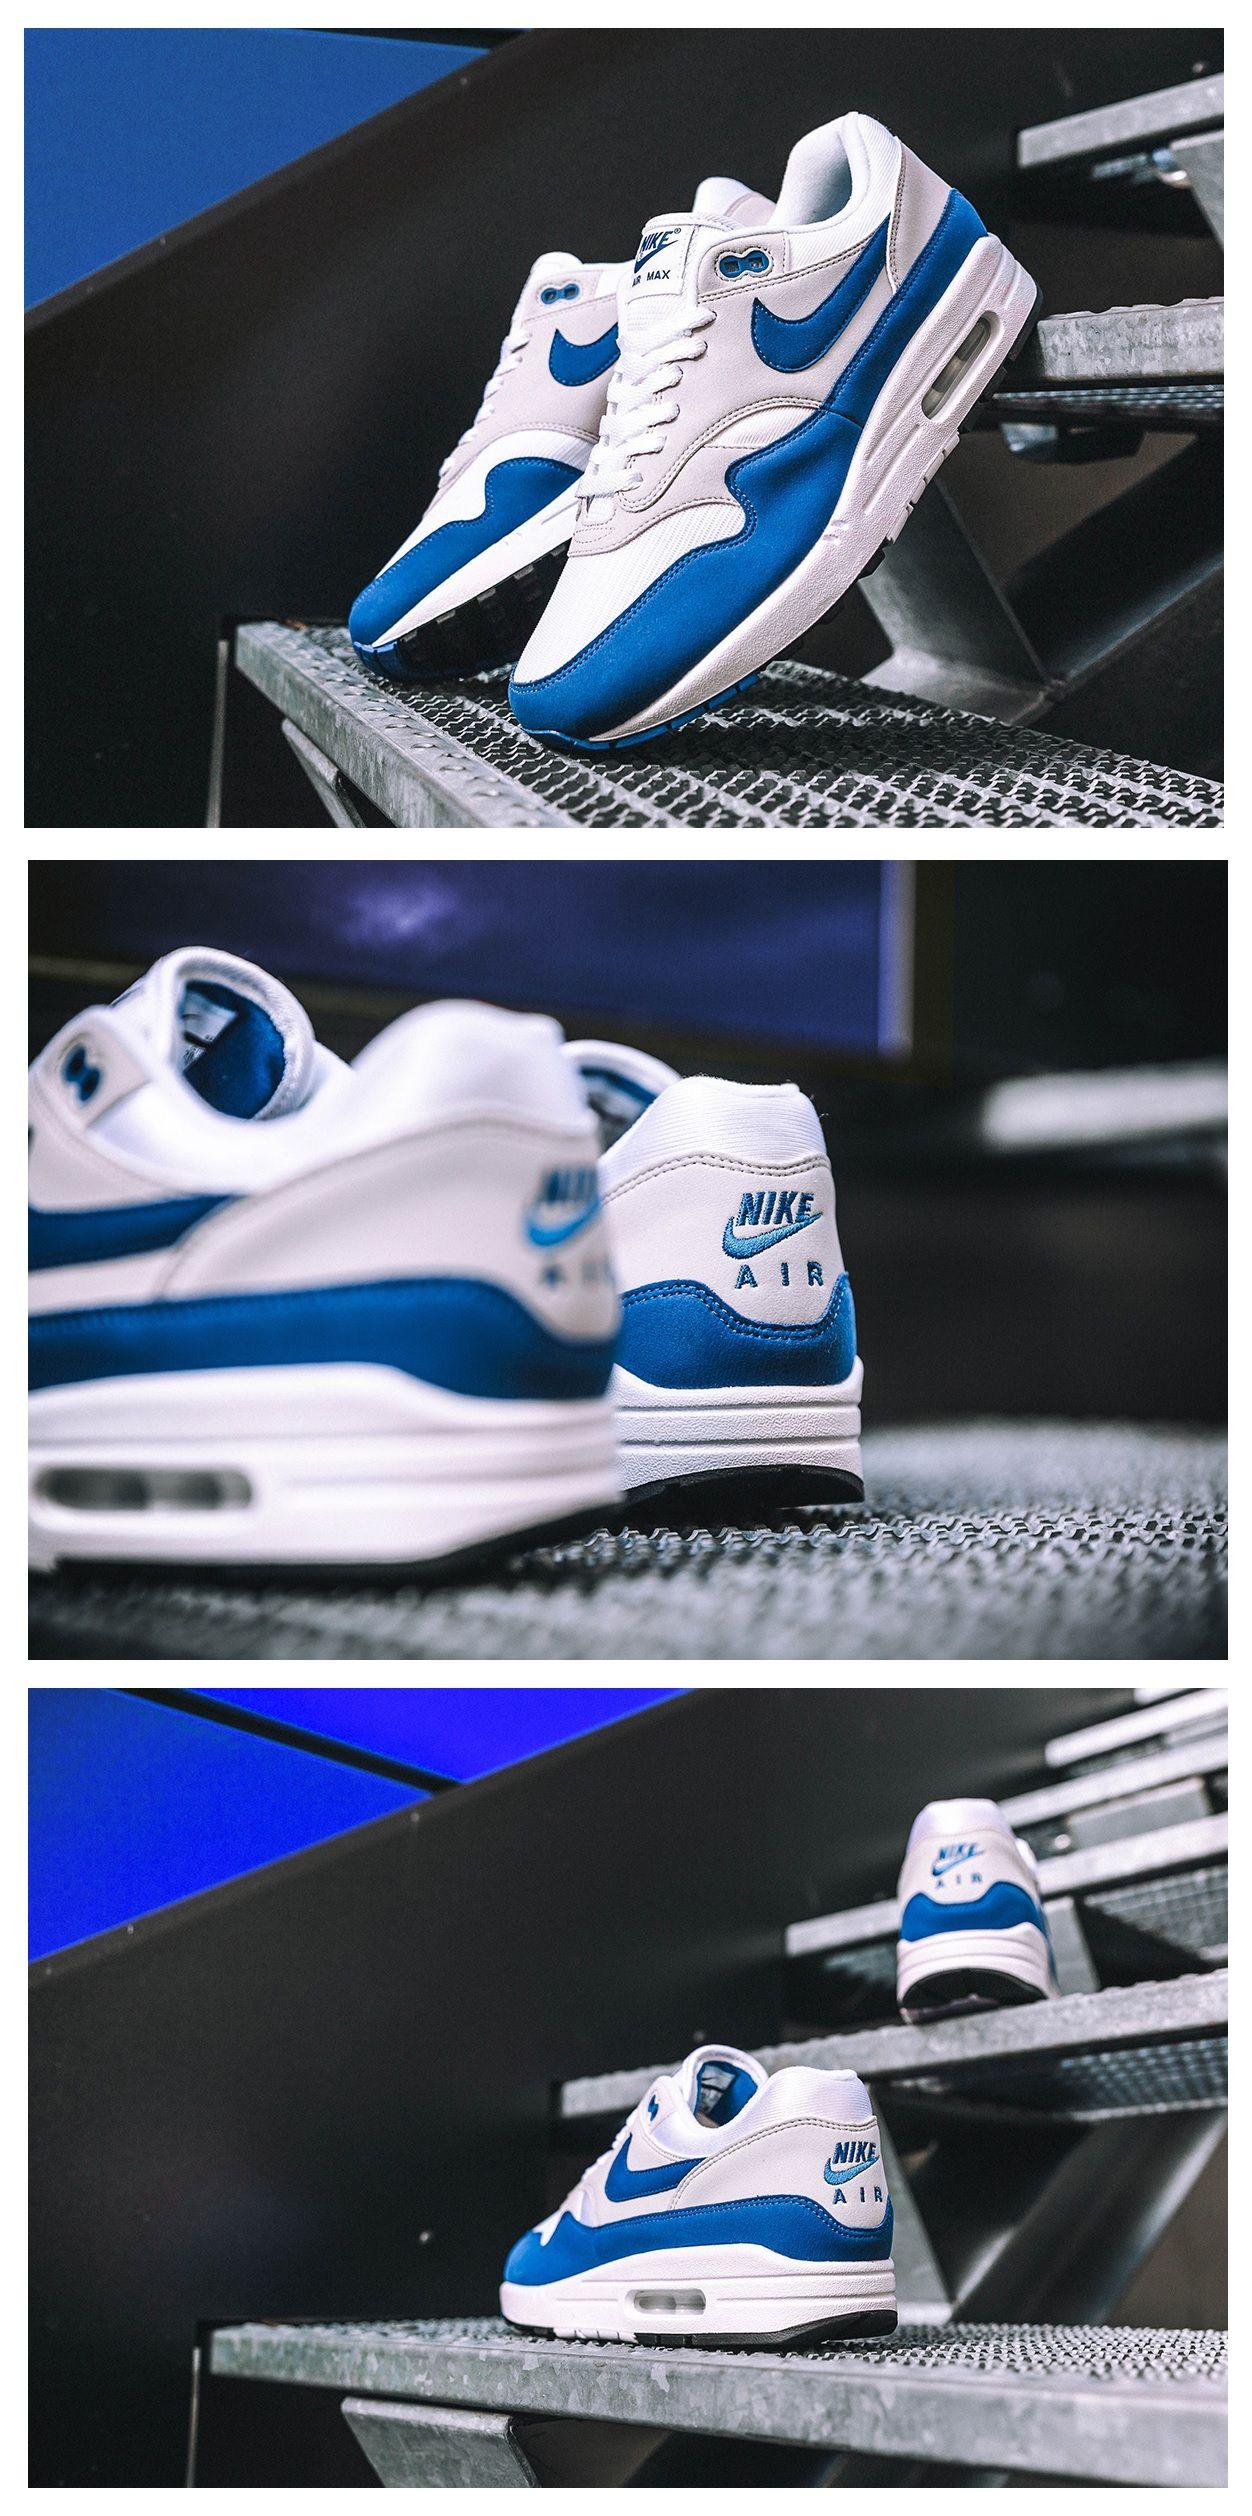 b65d7cba5e607 Nike Air Max 1 OG  Blue